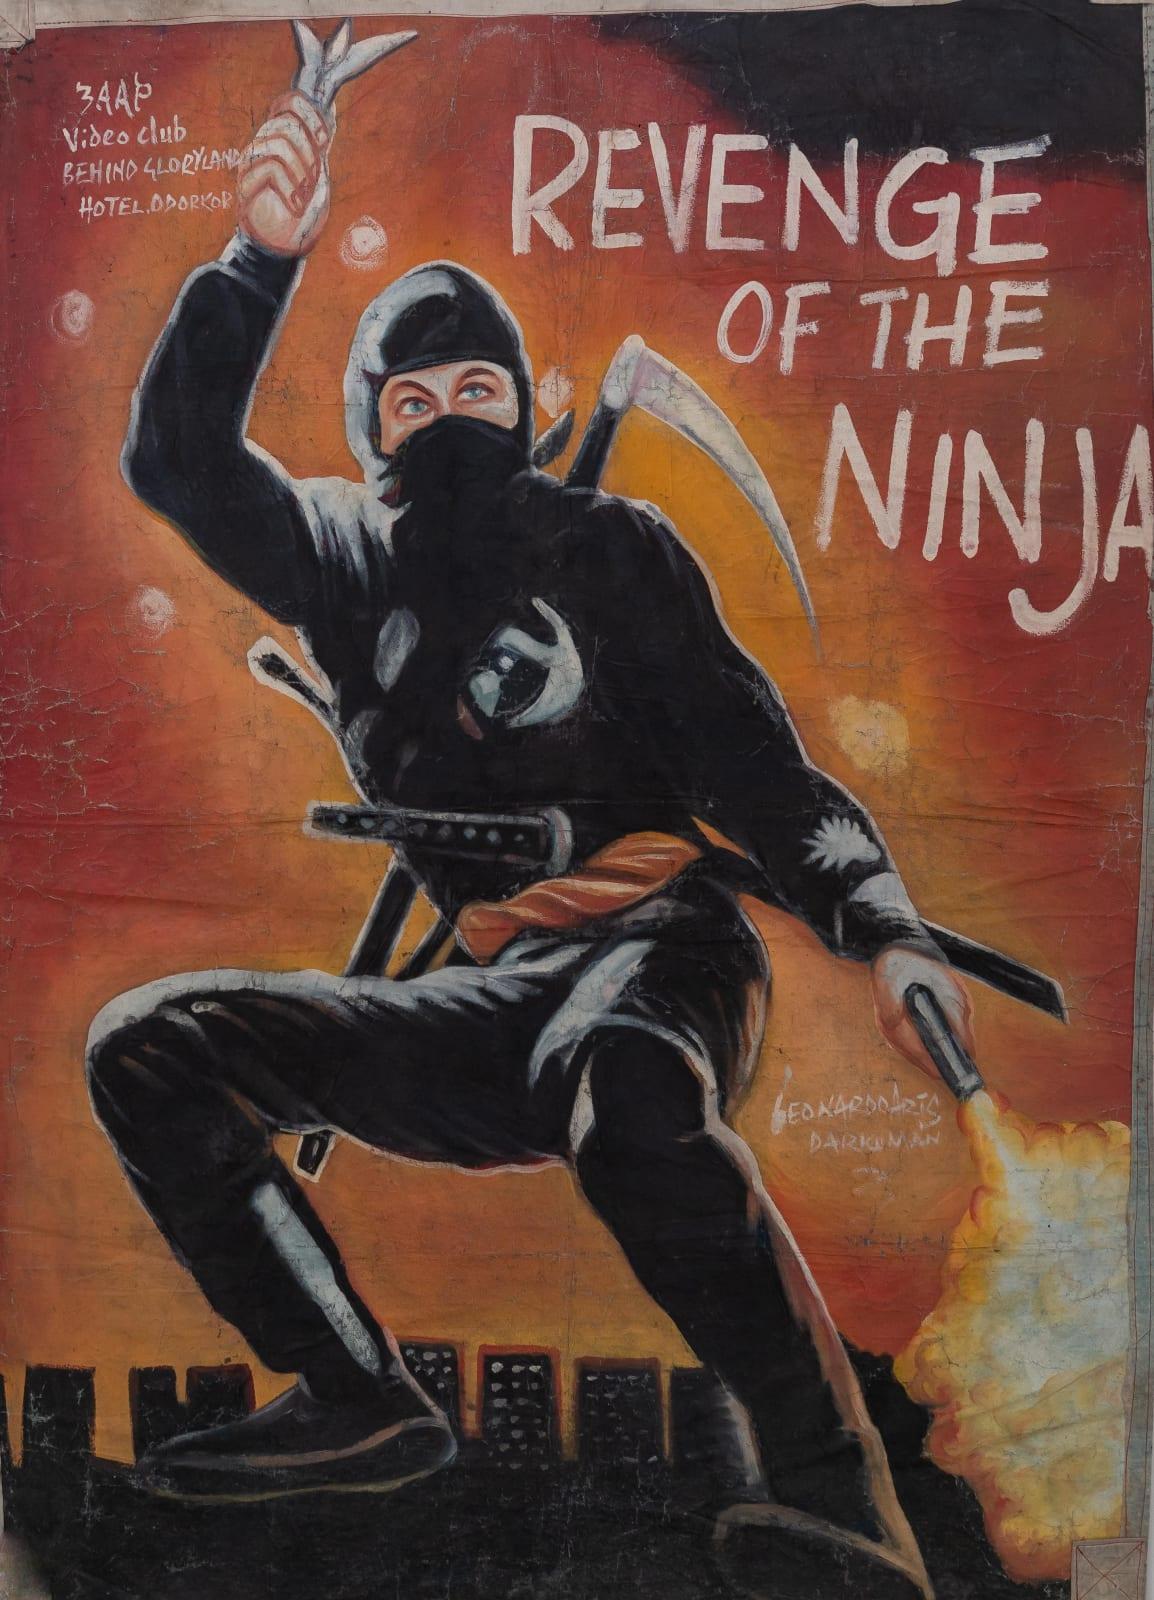 Revenge of the Ninja 145 x 107 cm